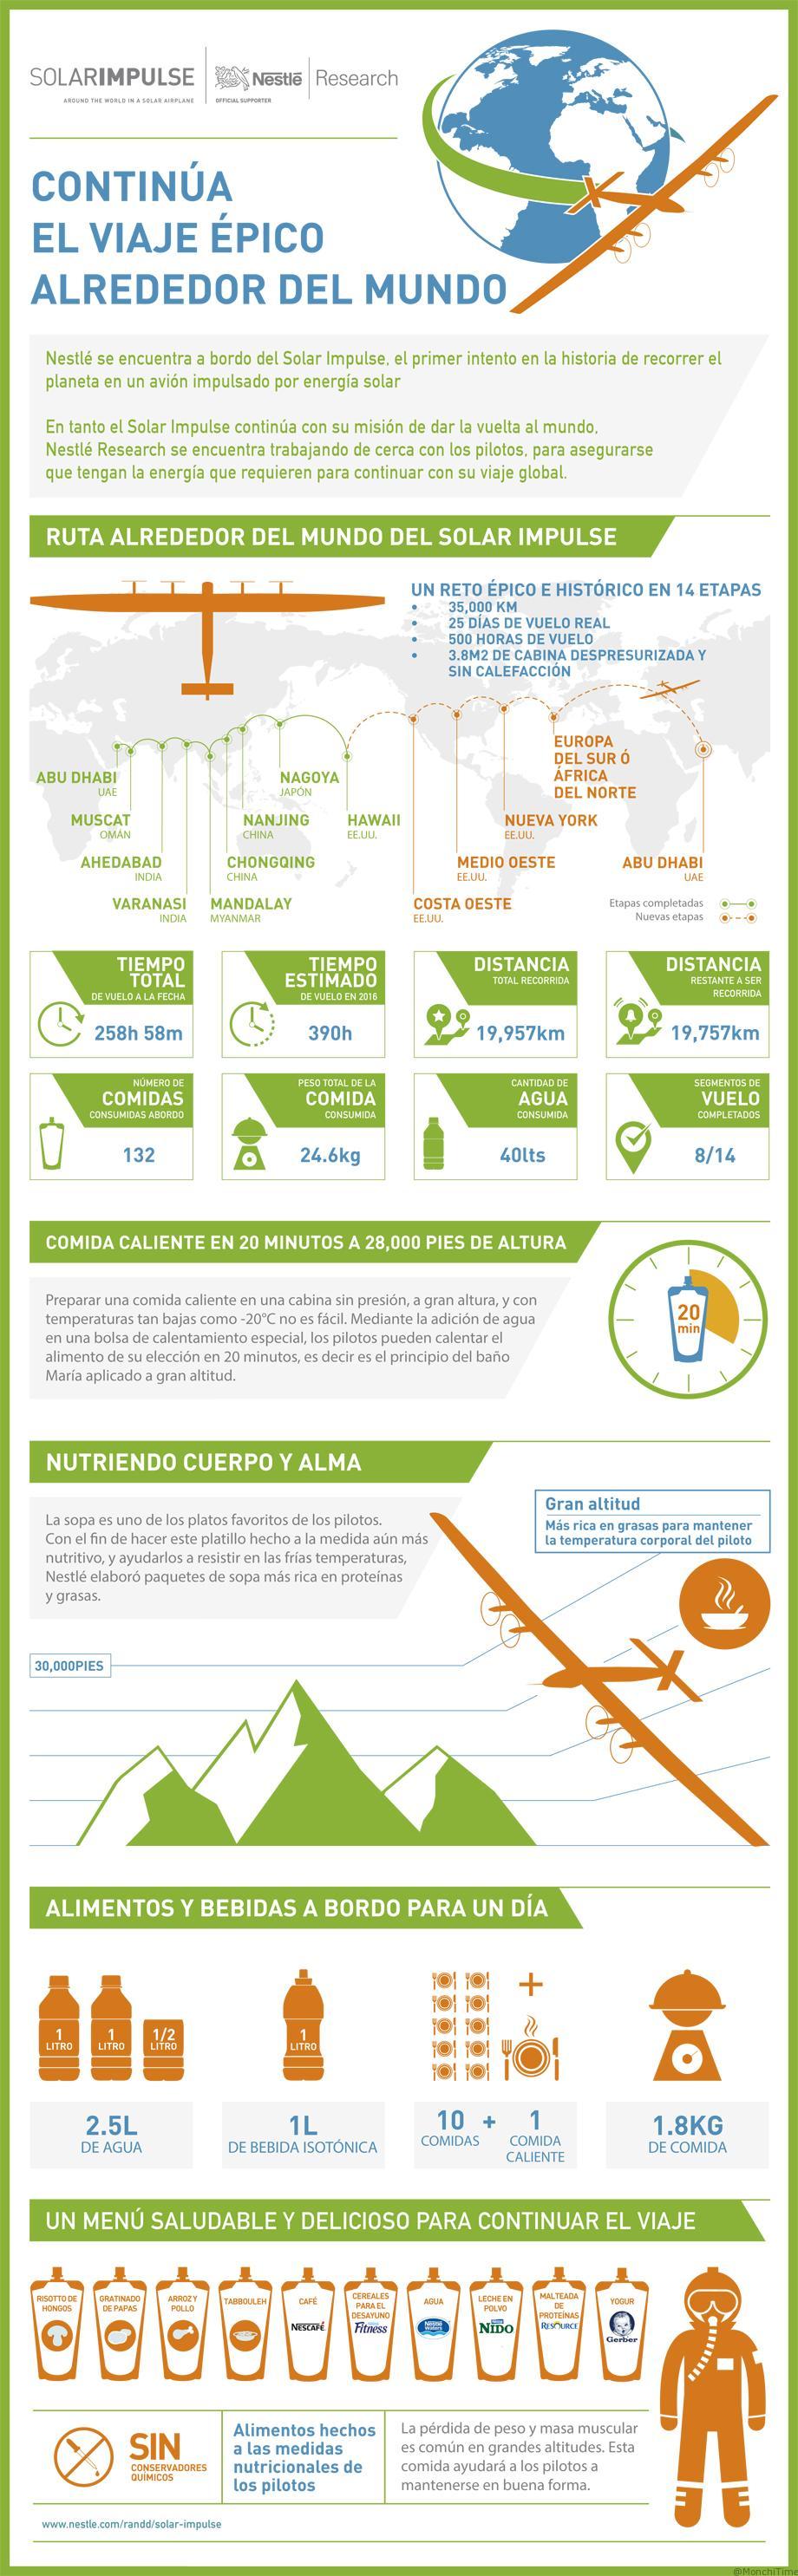 solarimpulse-infographic-2016_espanol